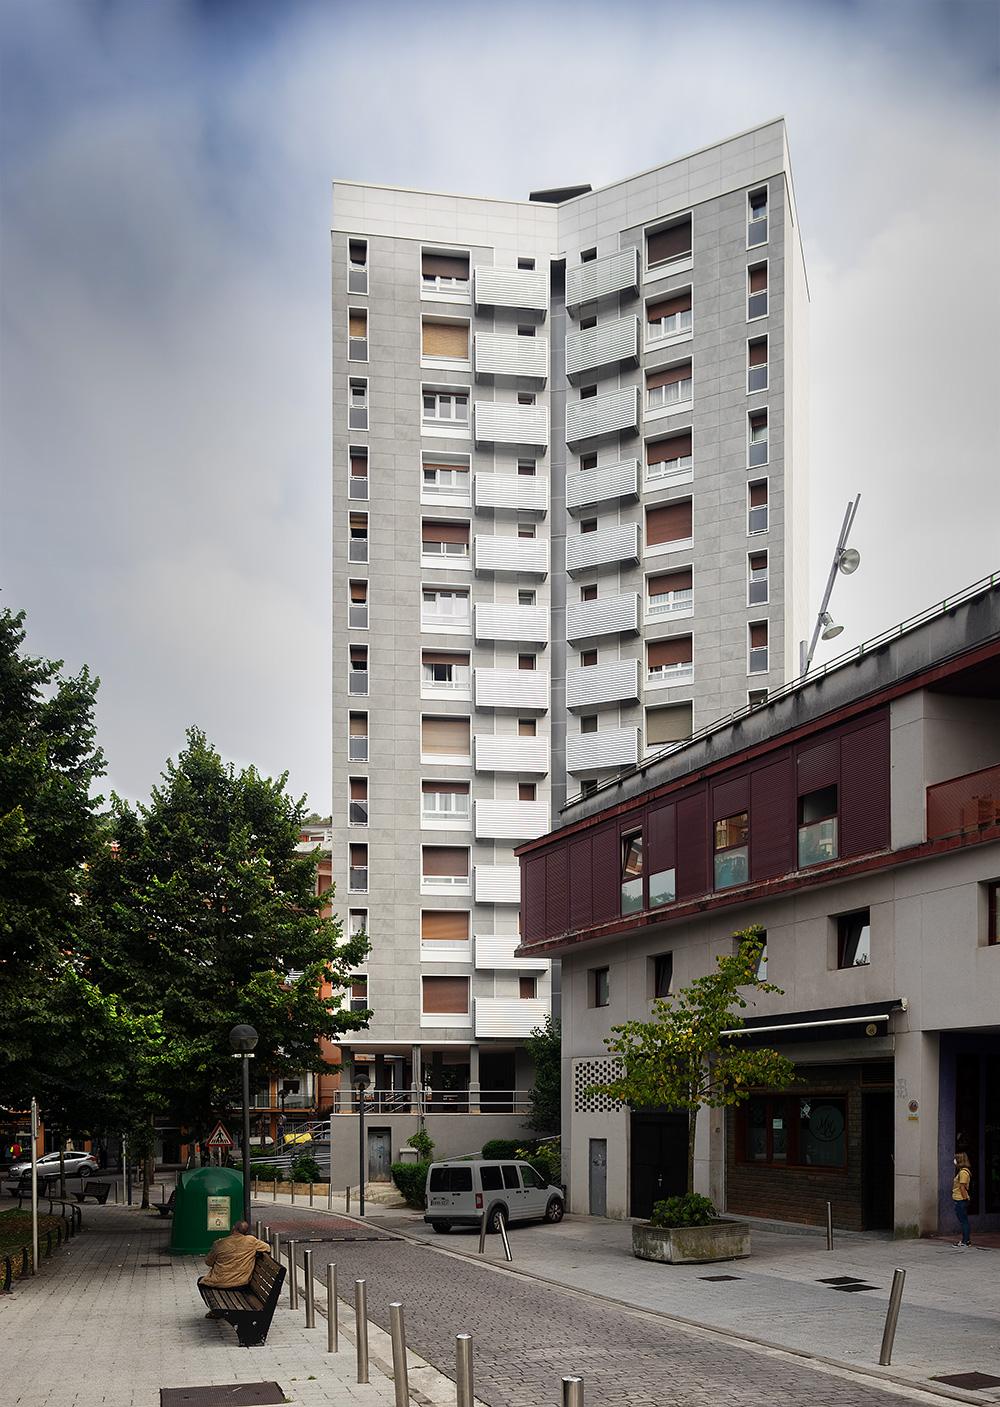 Rehabilitacion-energetica_fachada-aislamiento_reforma-fachada_Renove_Basa-arquitectura-Pasaia_Gipuzkoa